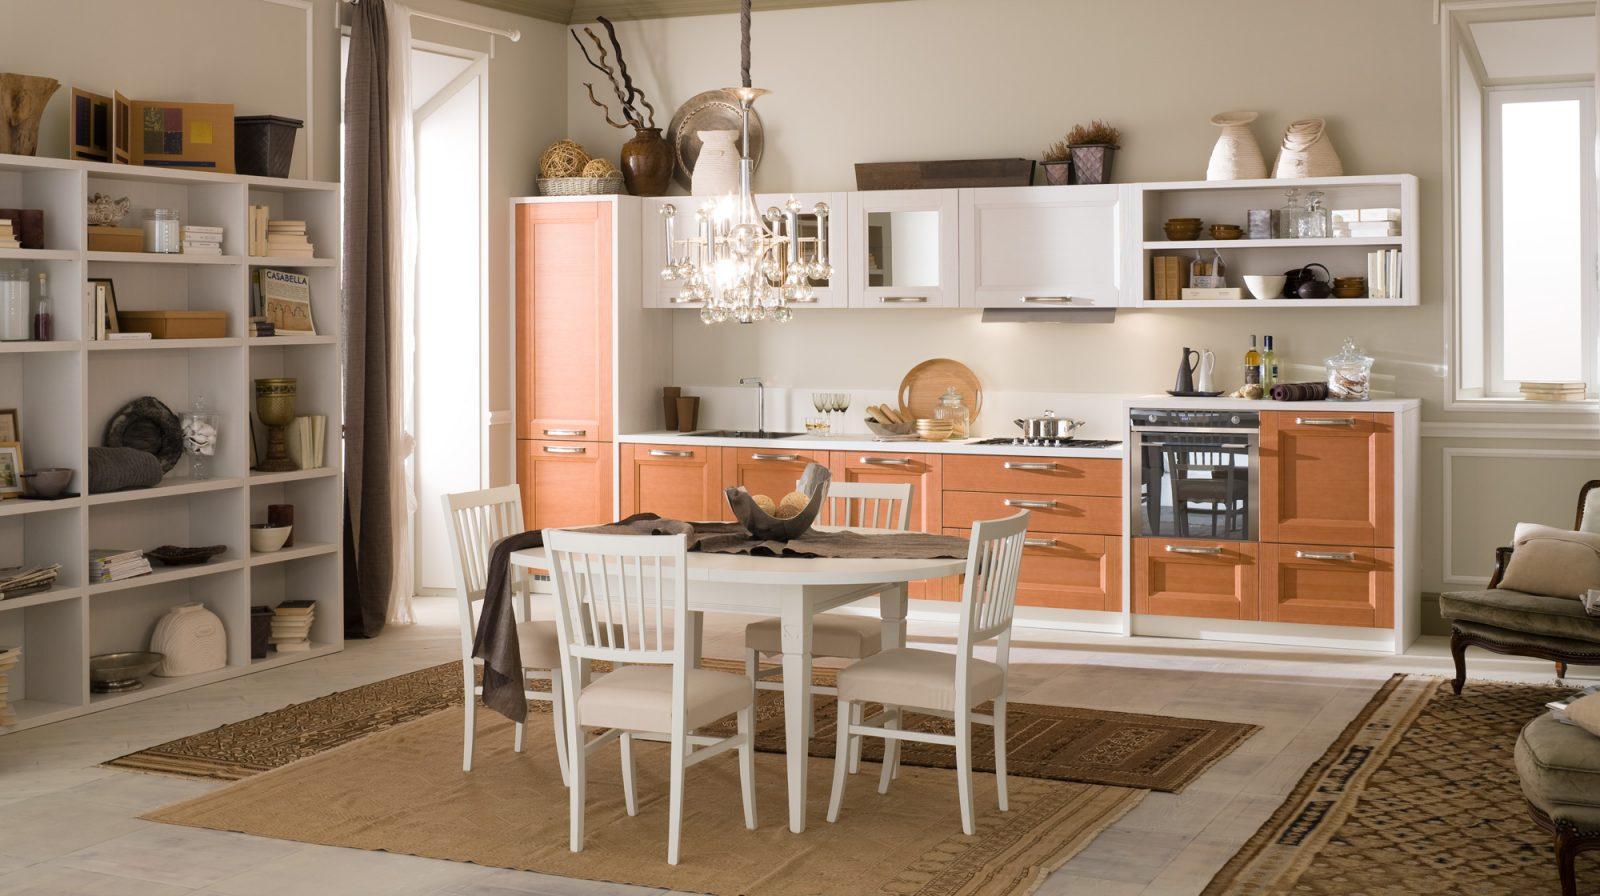 Decoracion de una cocina con estilo vintage - Muebles de cocina retro ...